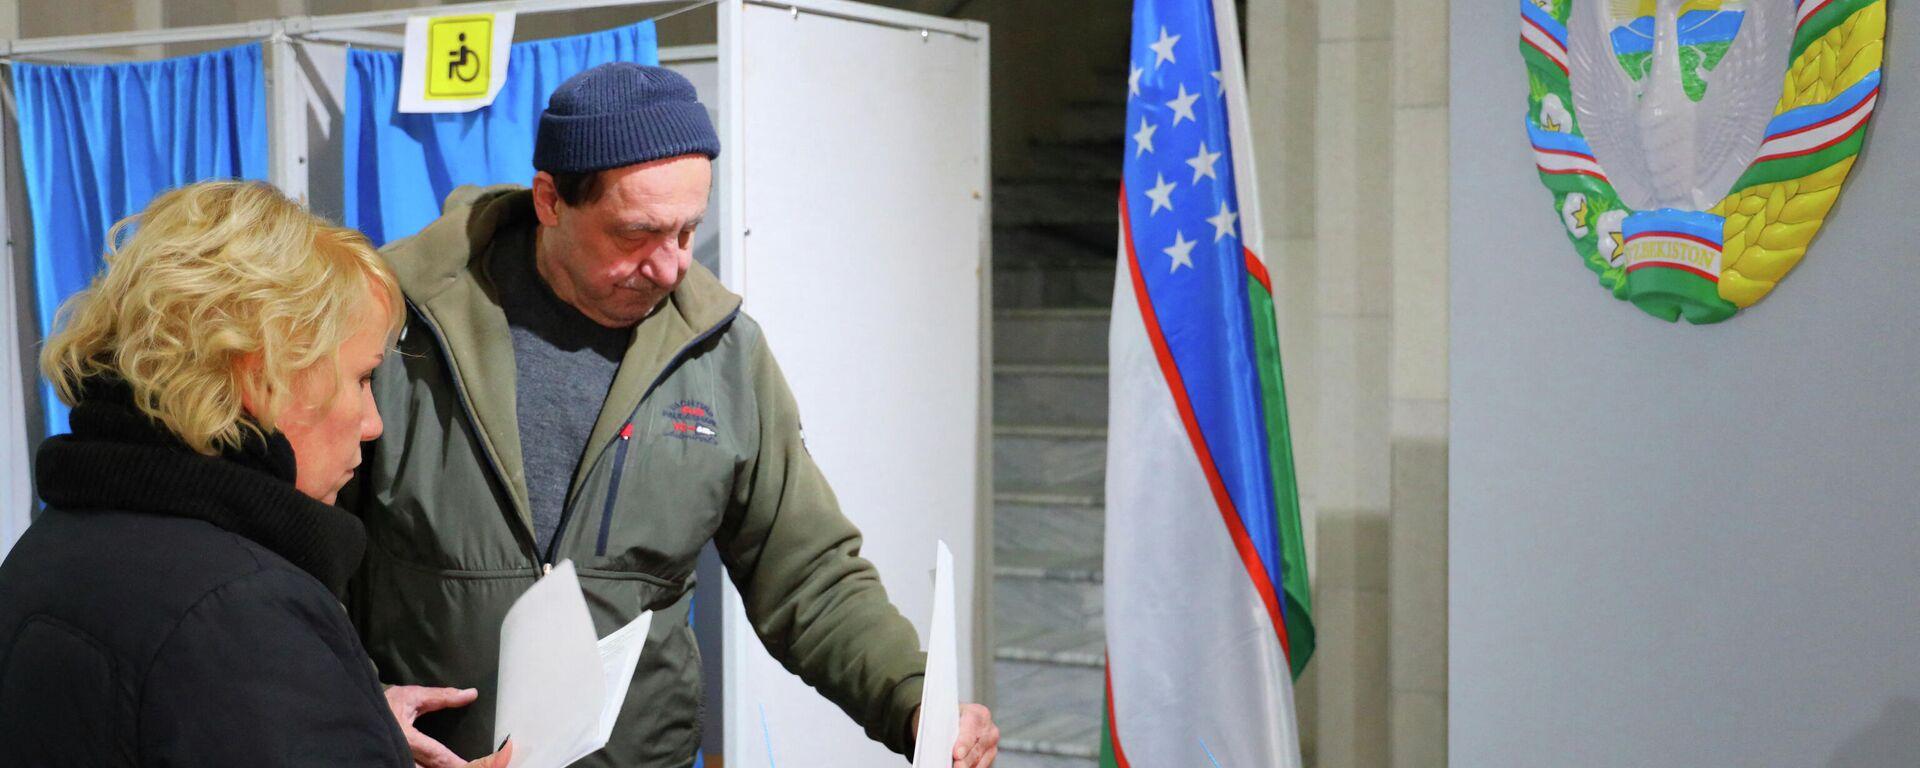 Голосование на избирательном участке в Узбекистане - Sputnik Узбекистан, 1920, 04.10.2021